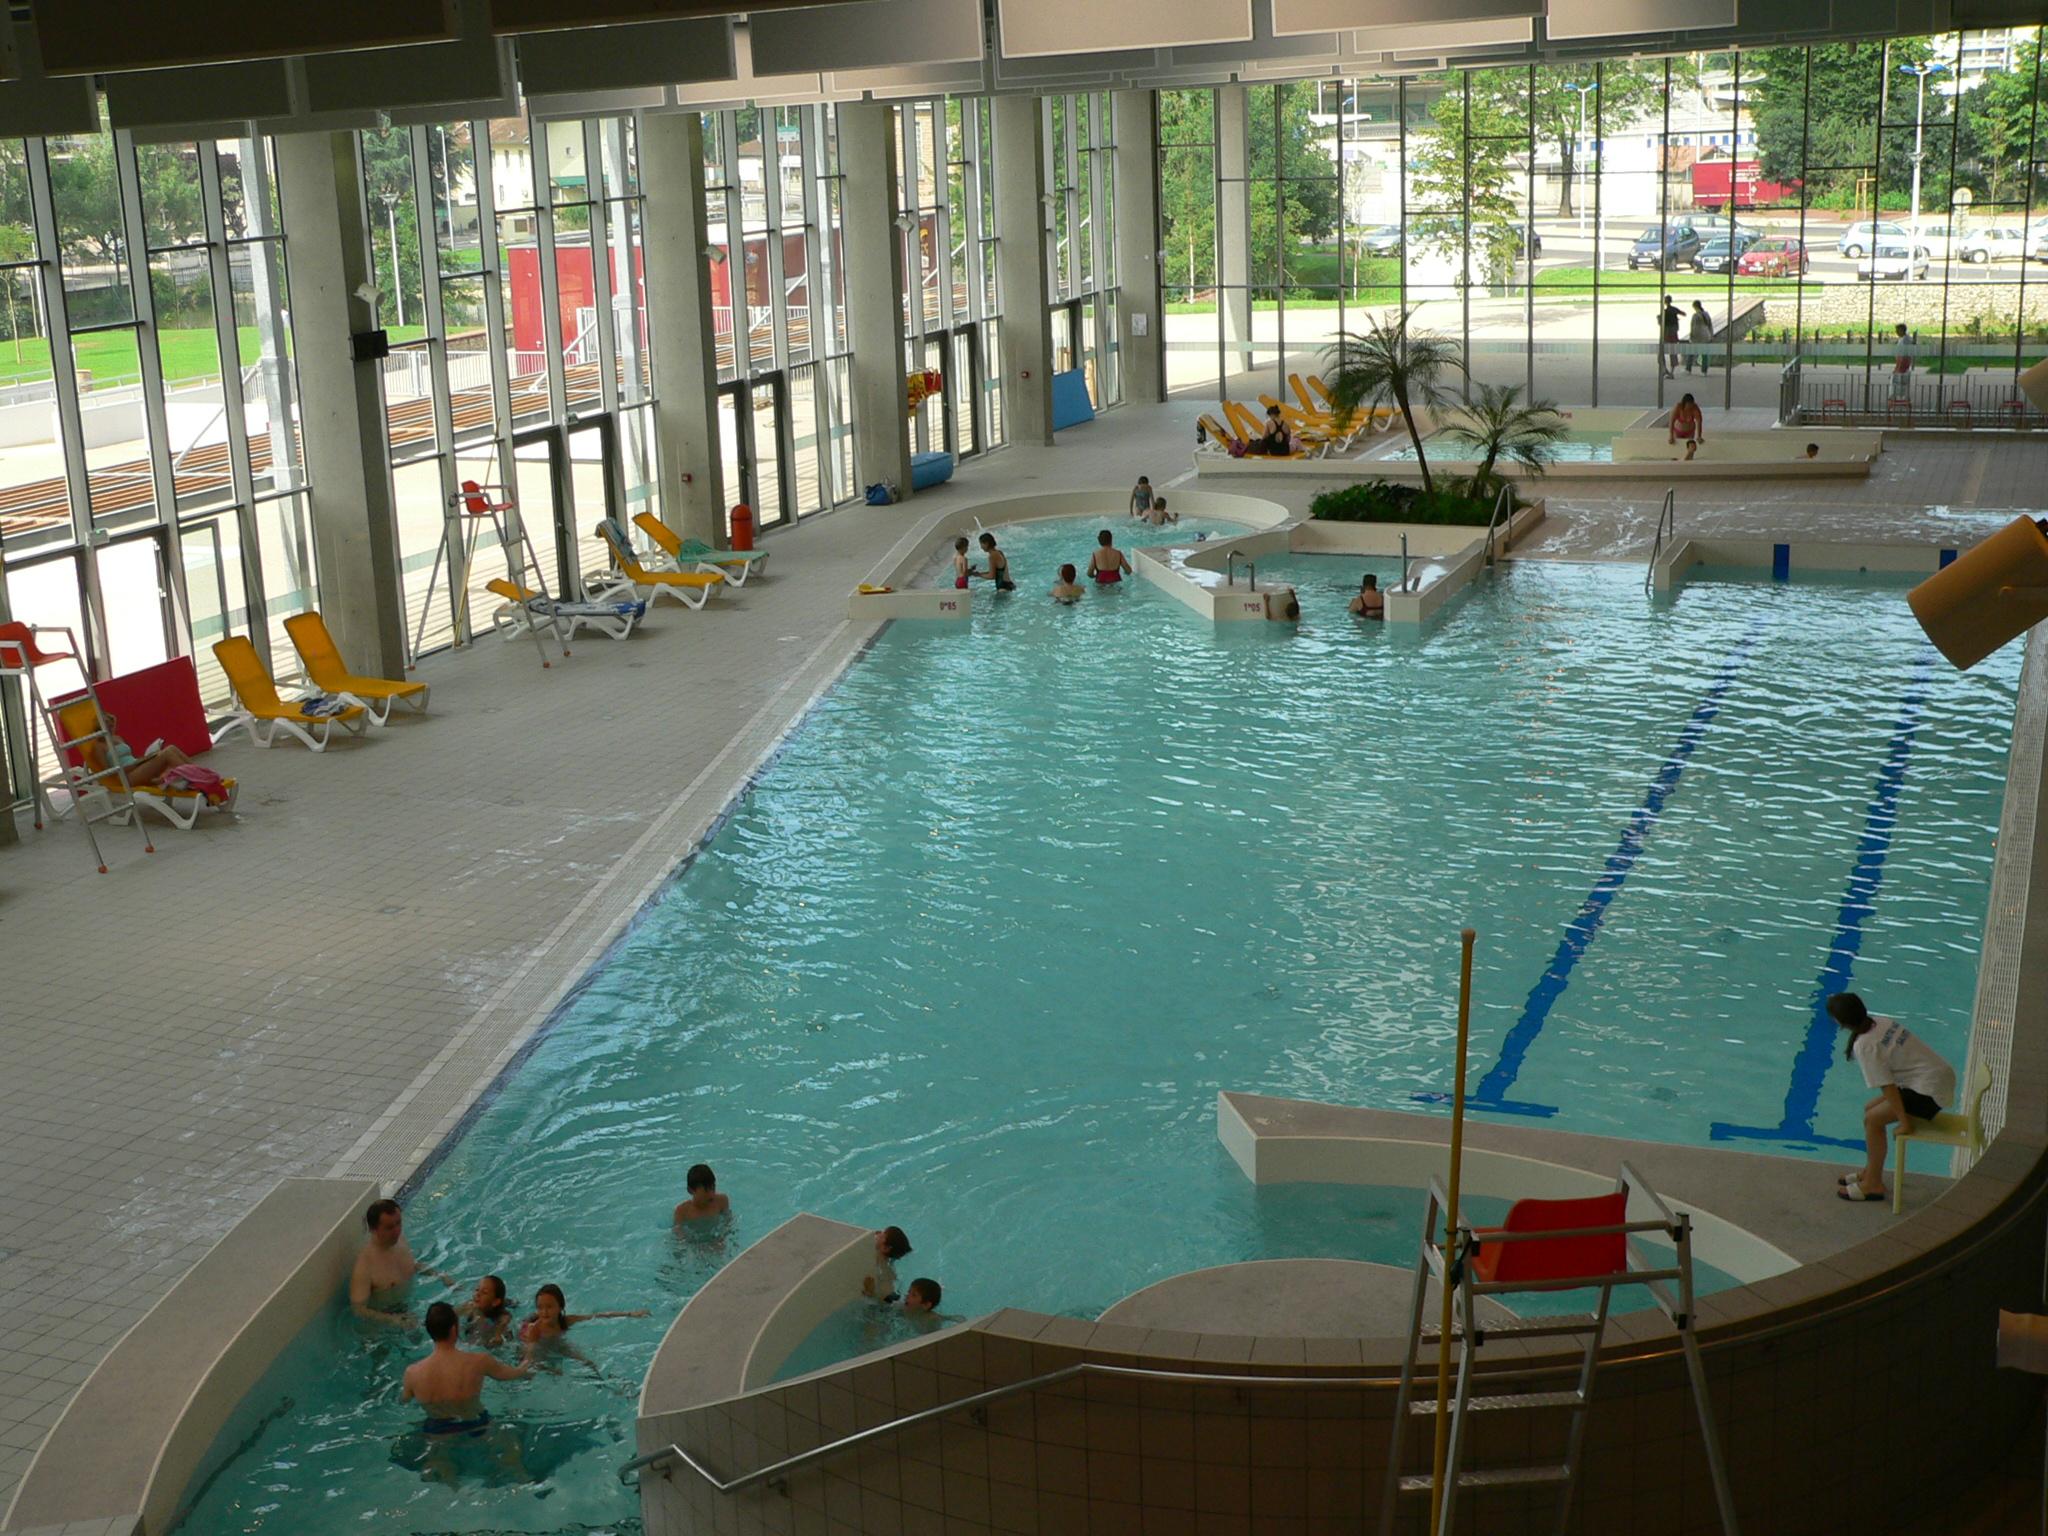 Centre Nautique Carré D'eau - Aix Les Bains - Riviera Des Alpes dedans Piscine Carré D Eau